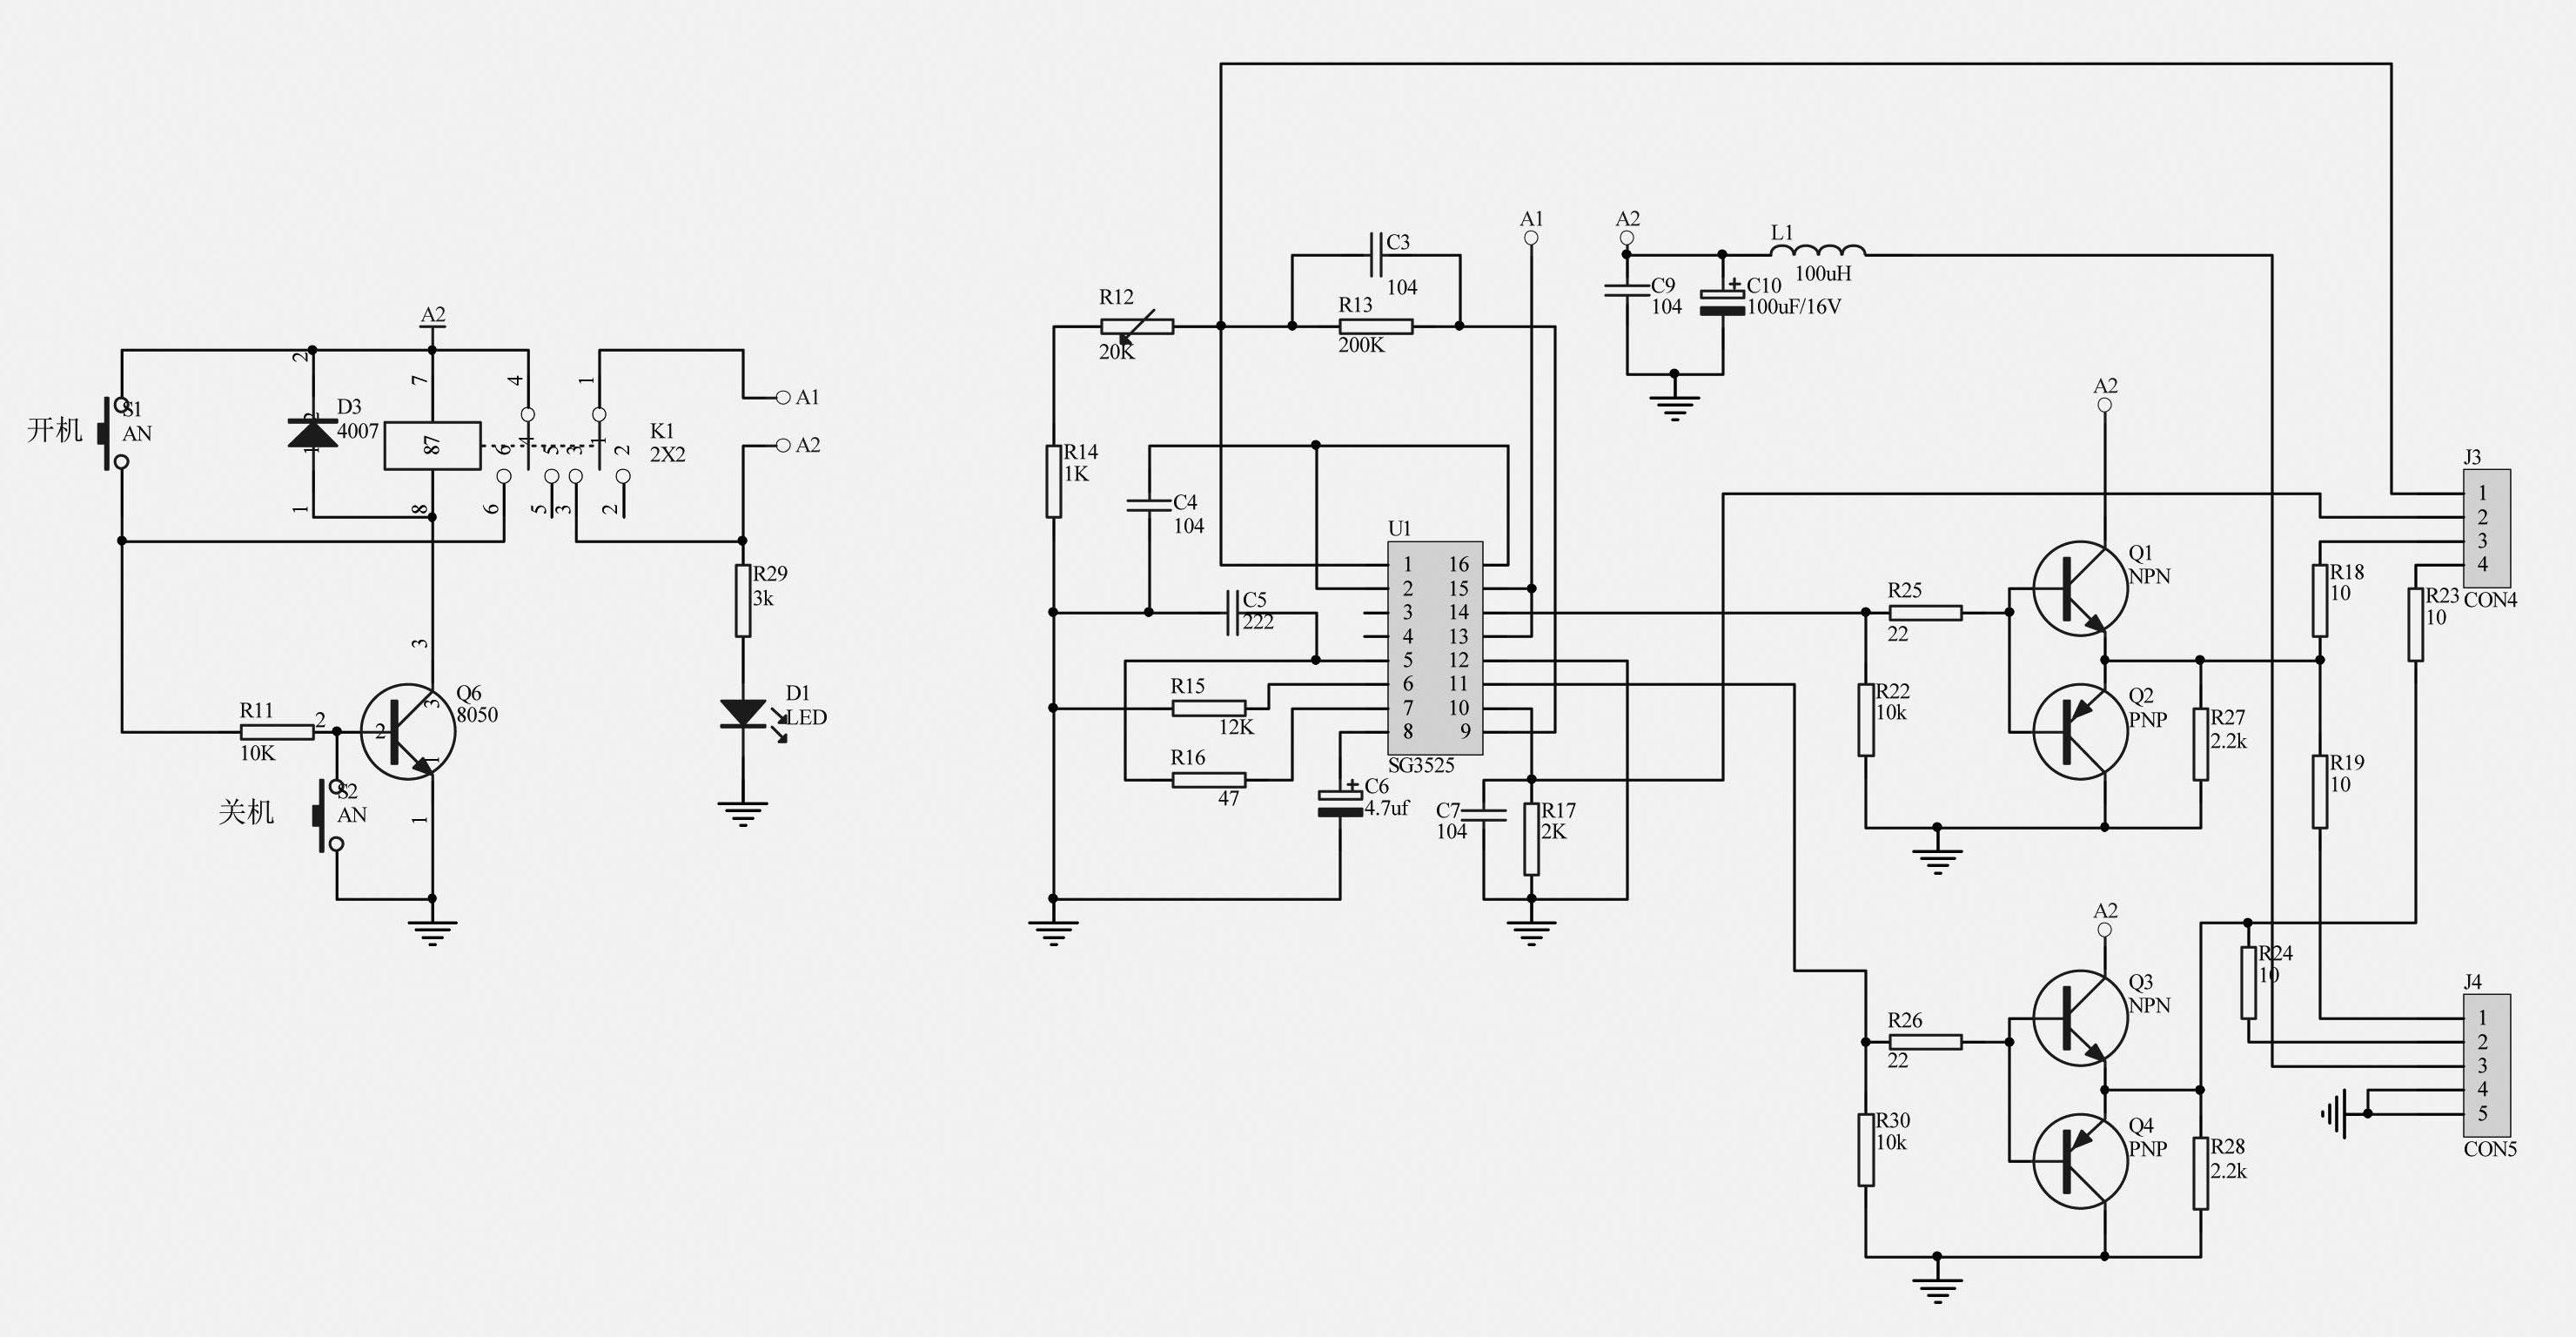 dc to ac inverter schematic diagram 1987 ford f150 starter solenoid wiring 12 volt 1000 watt power design process gohz